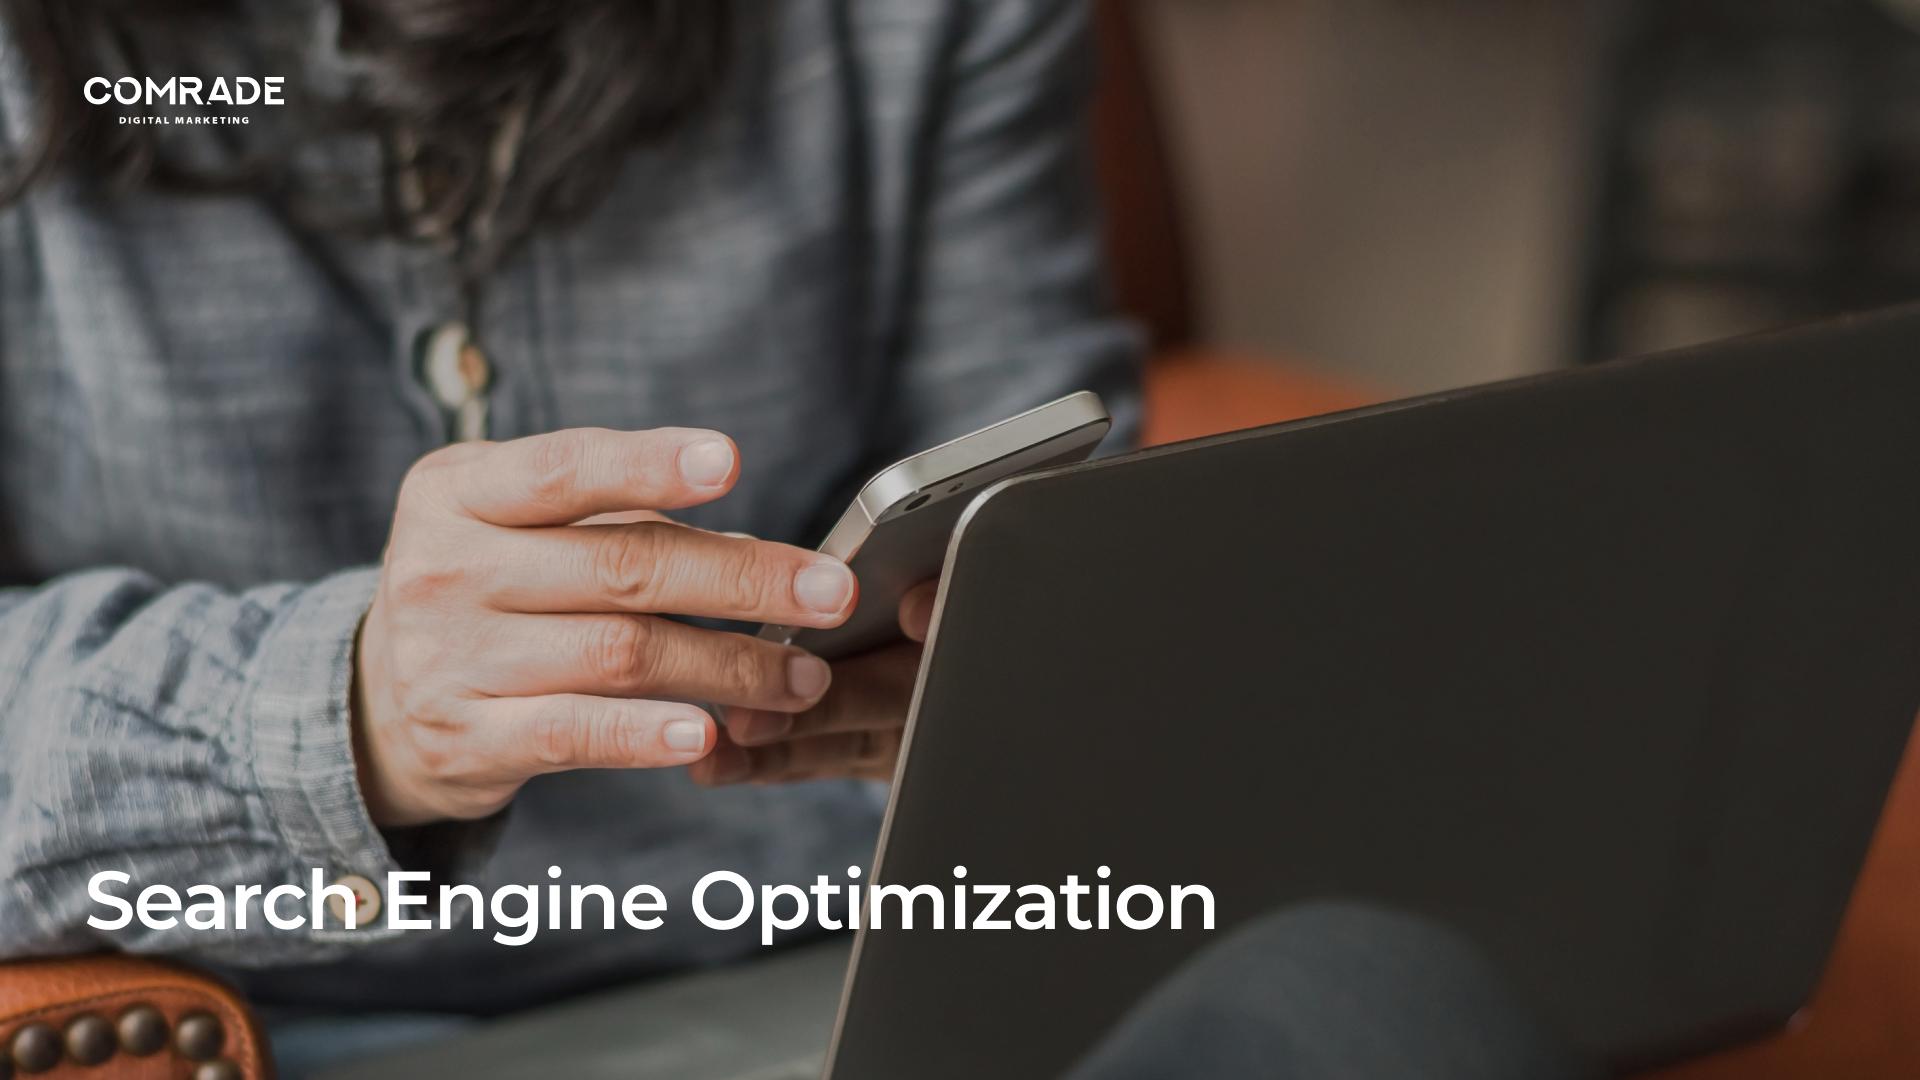 b2b search engine optimization